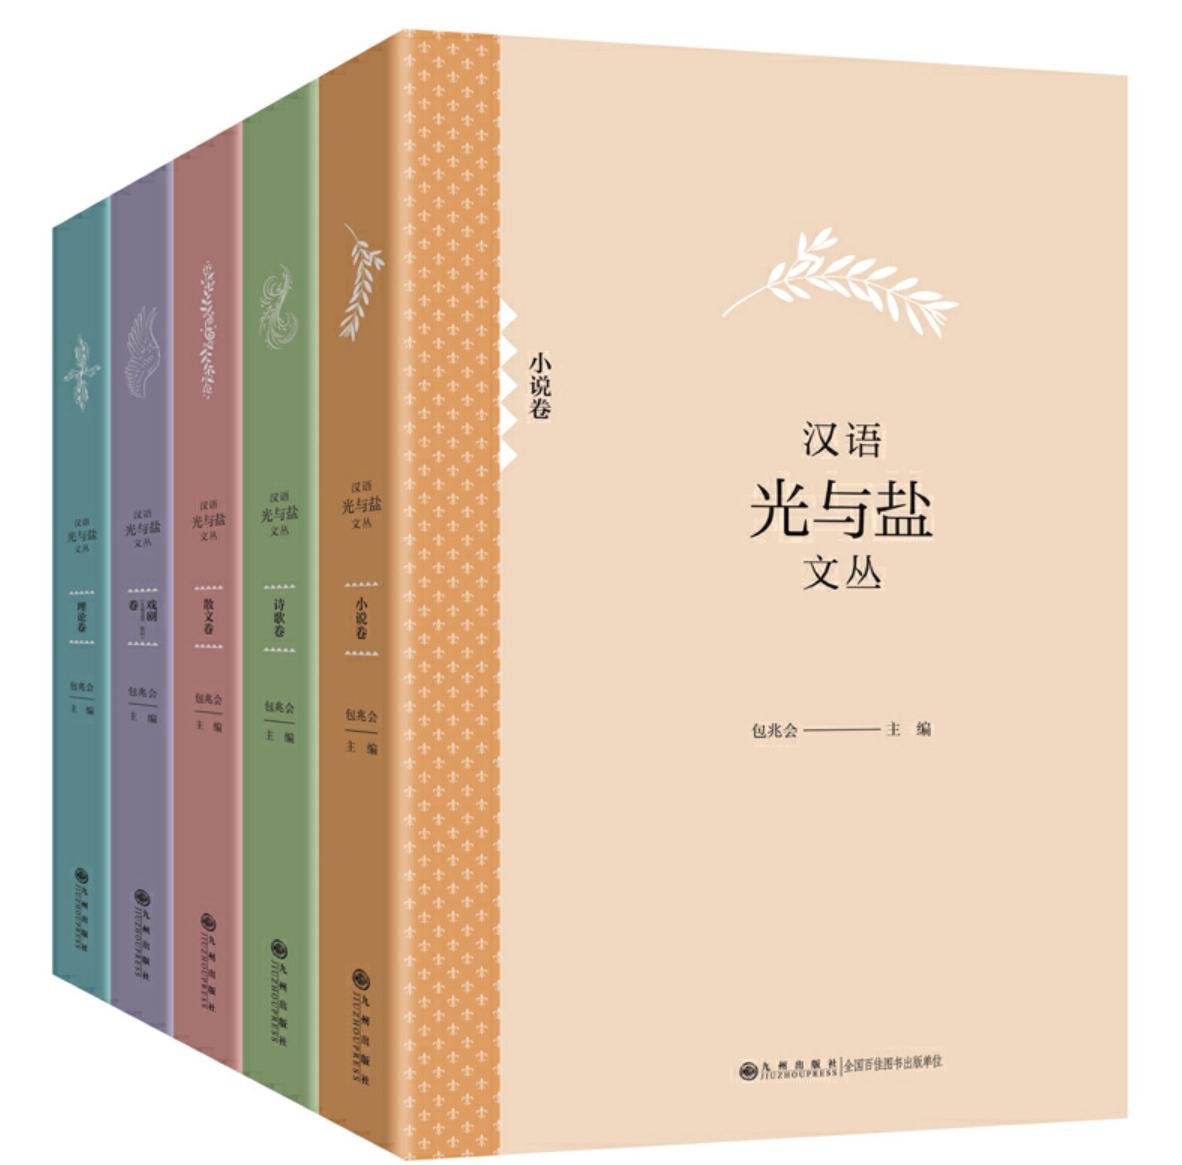 包兆会主编:《汉语光与盐文丛》(2019)